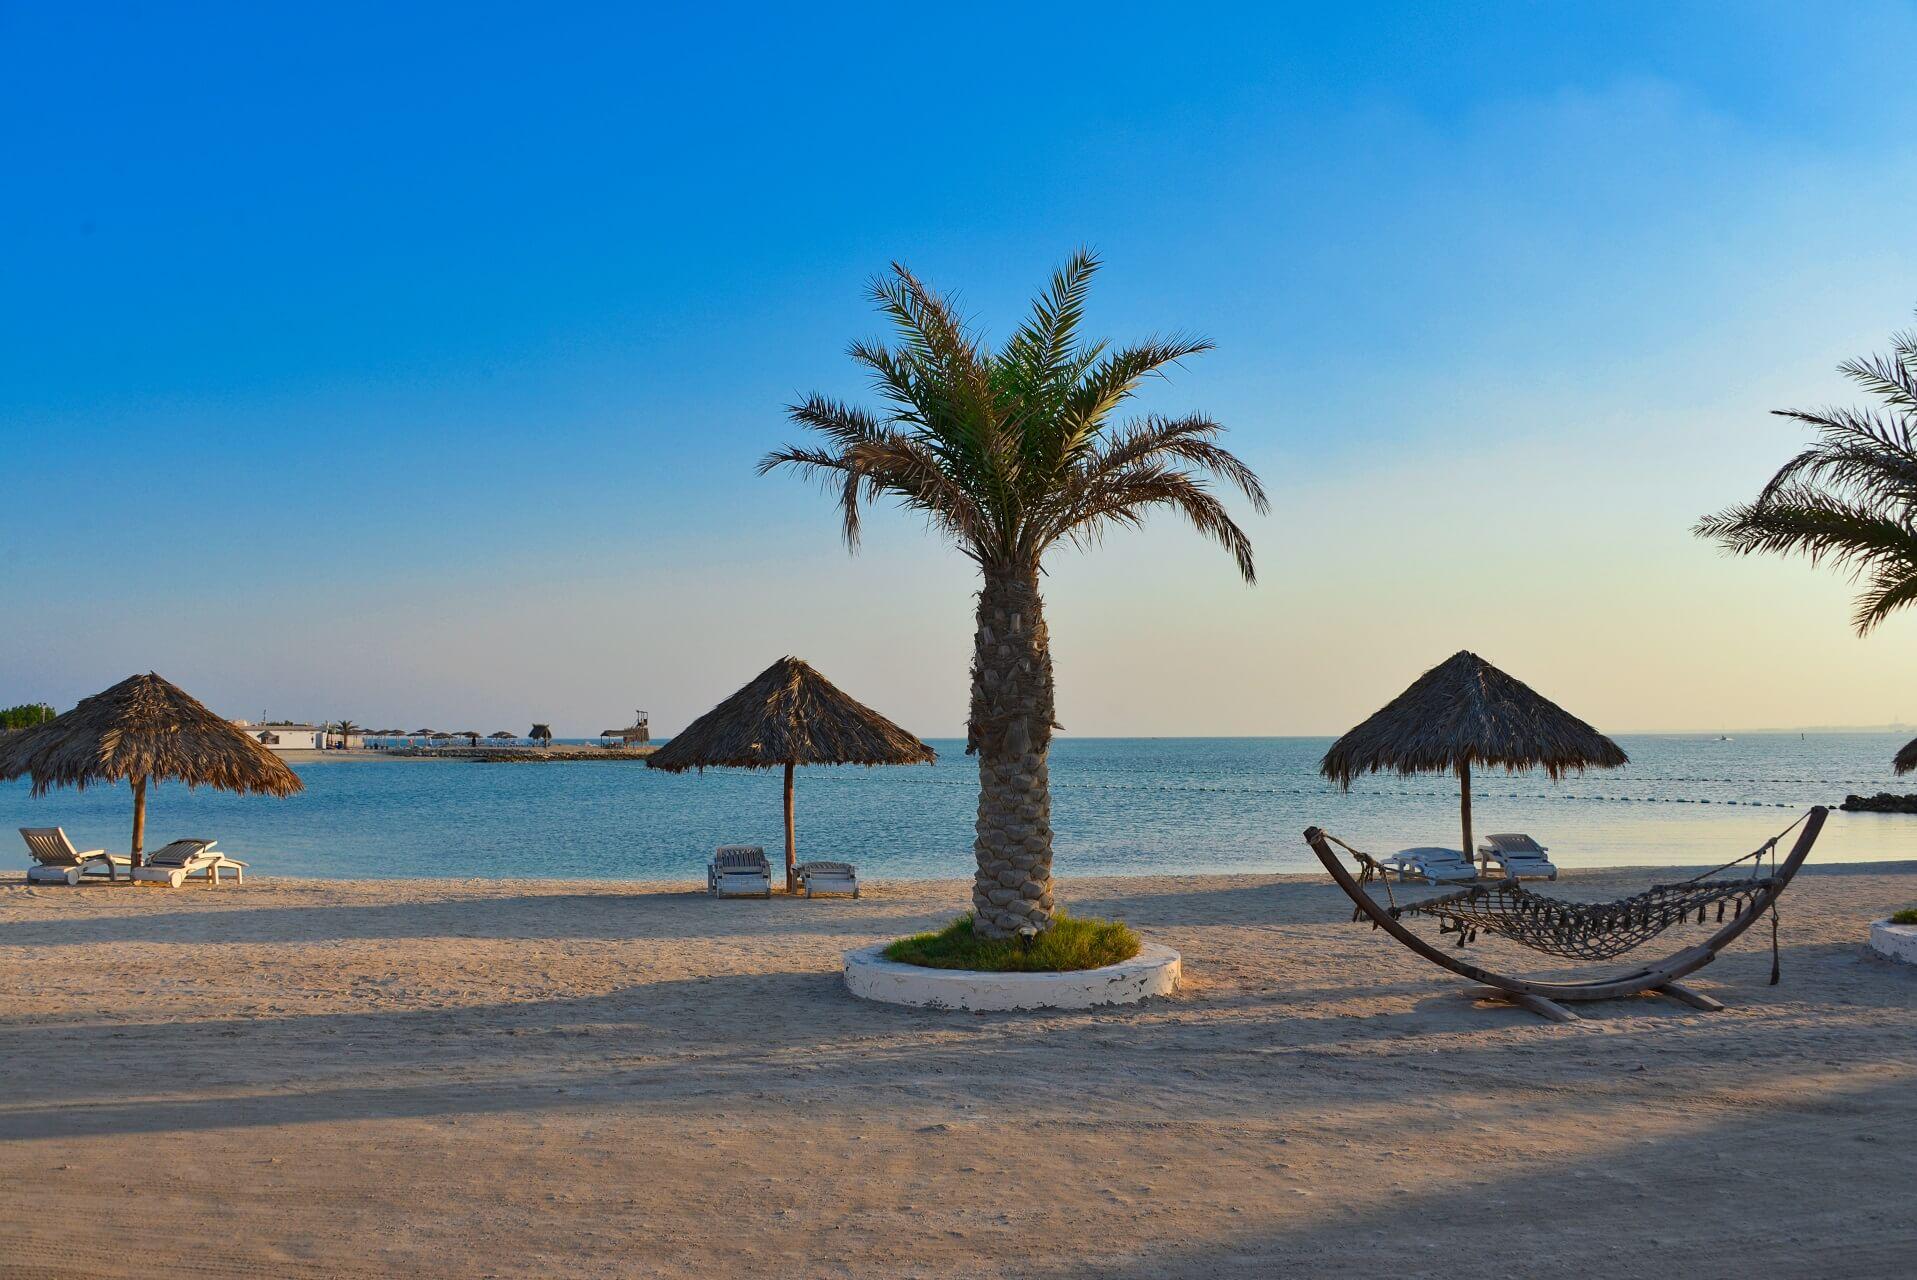 Al Dar Island gehört zu den Inseln von Bahrain